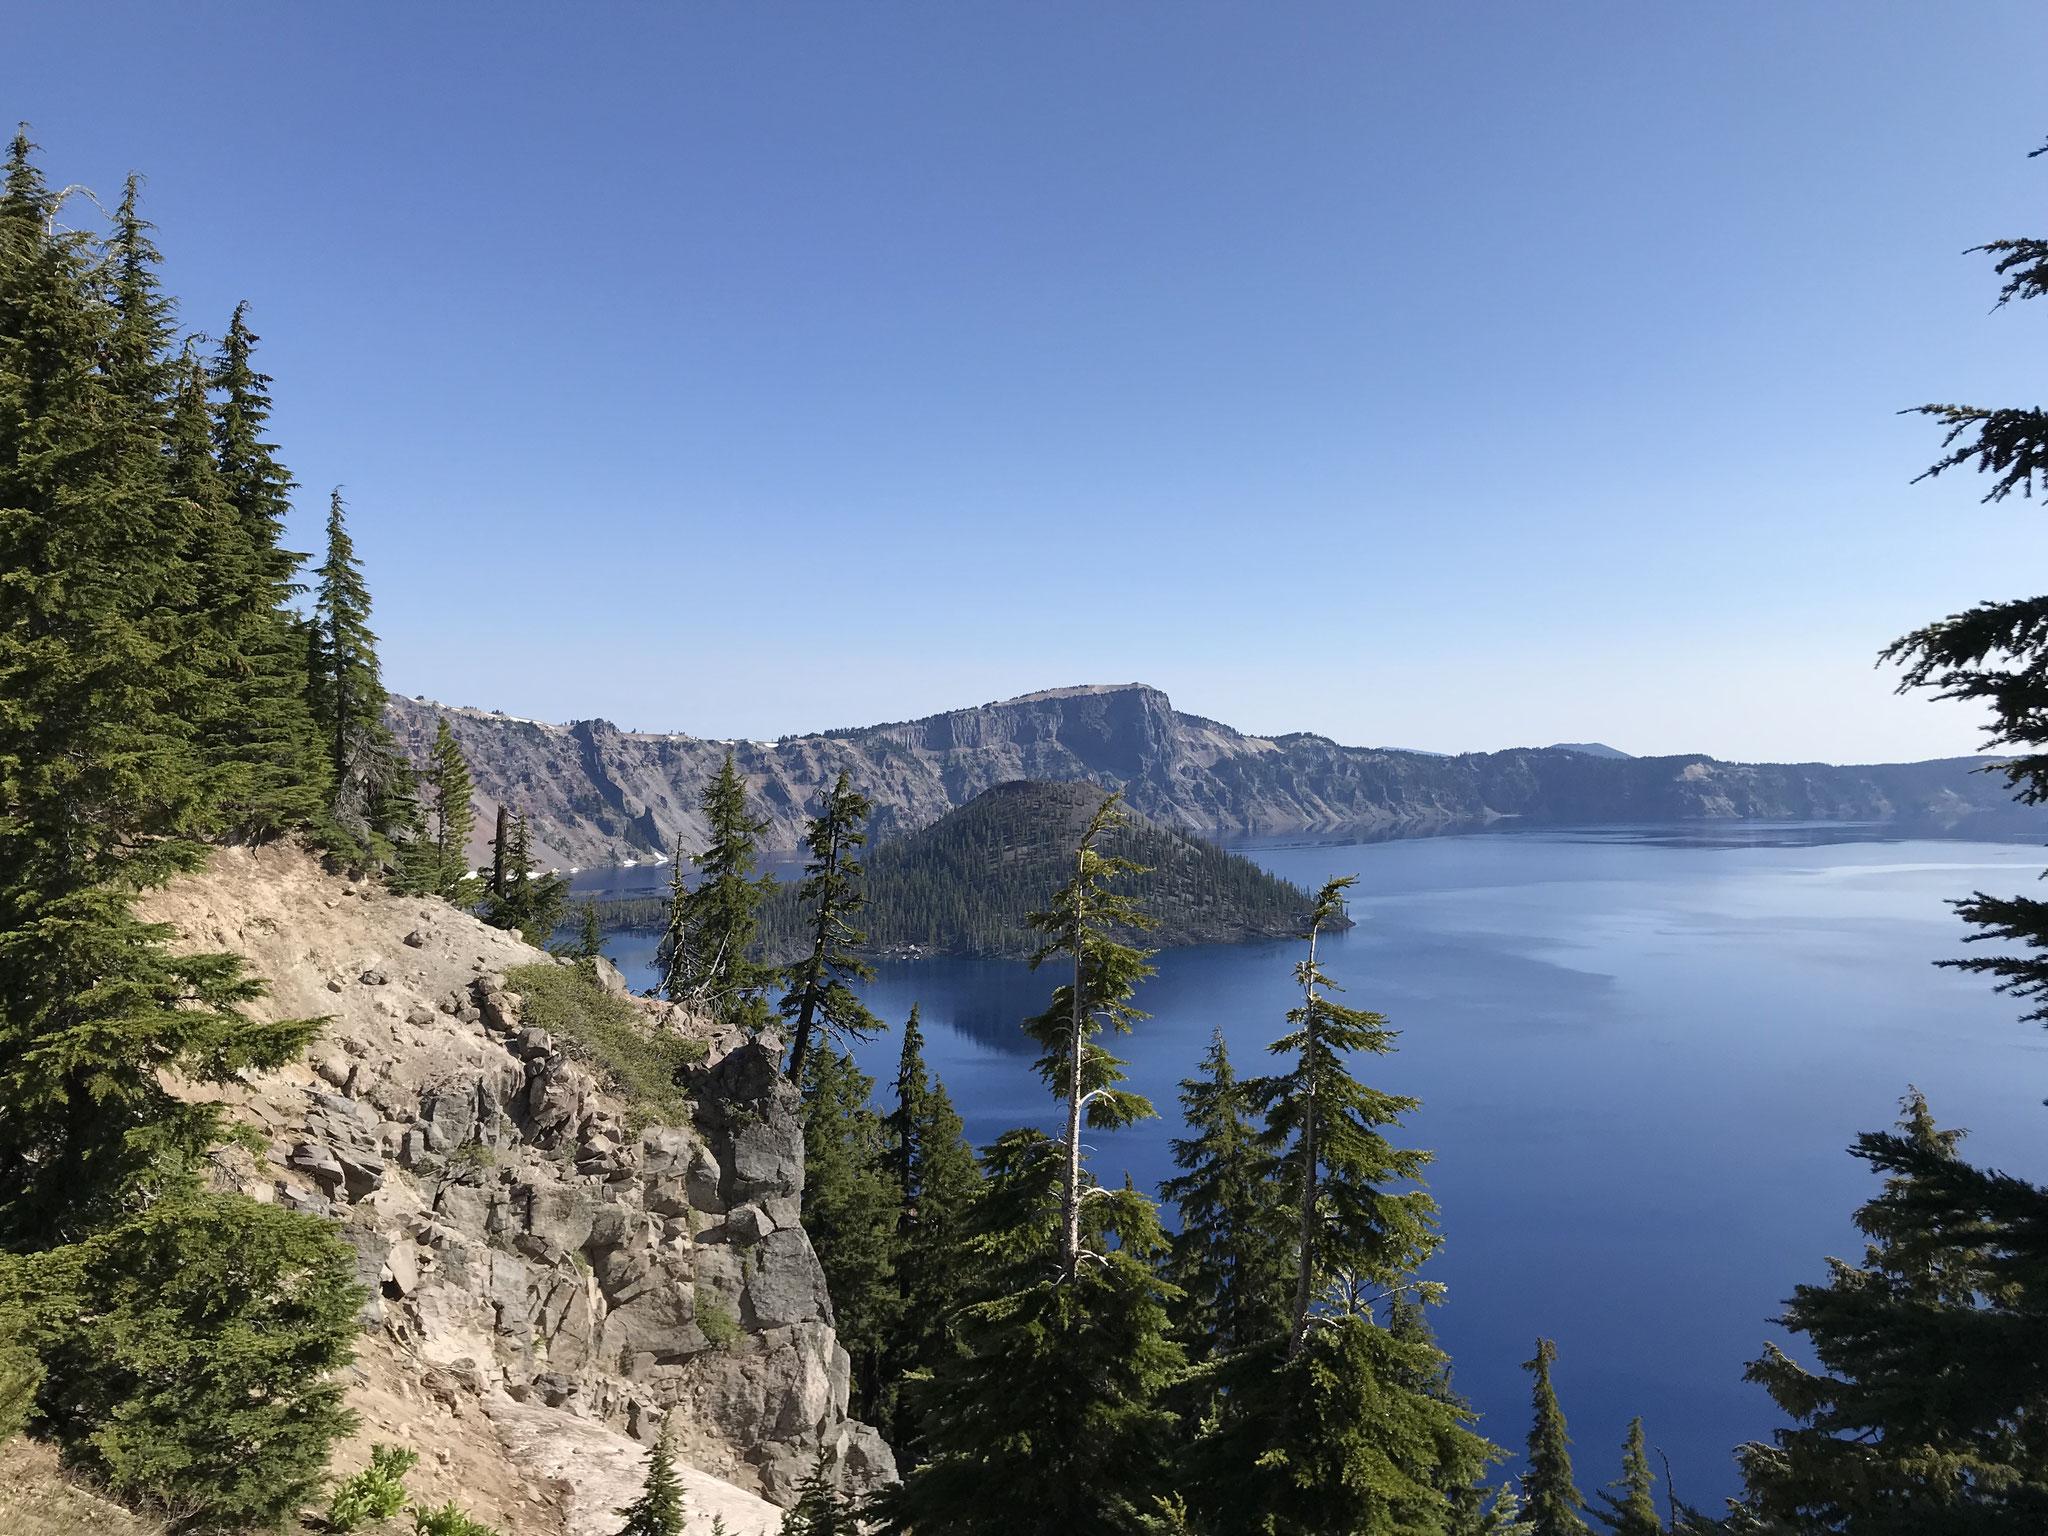 Ein tiefblauer See